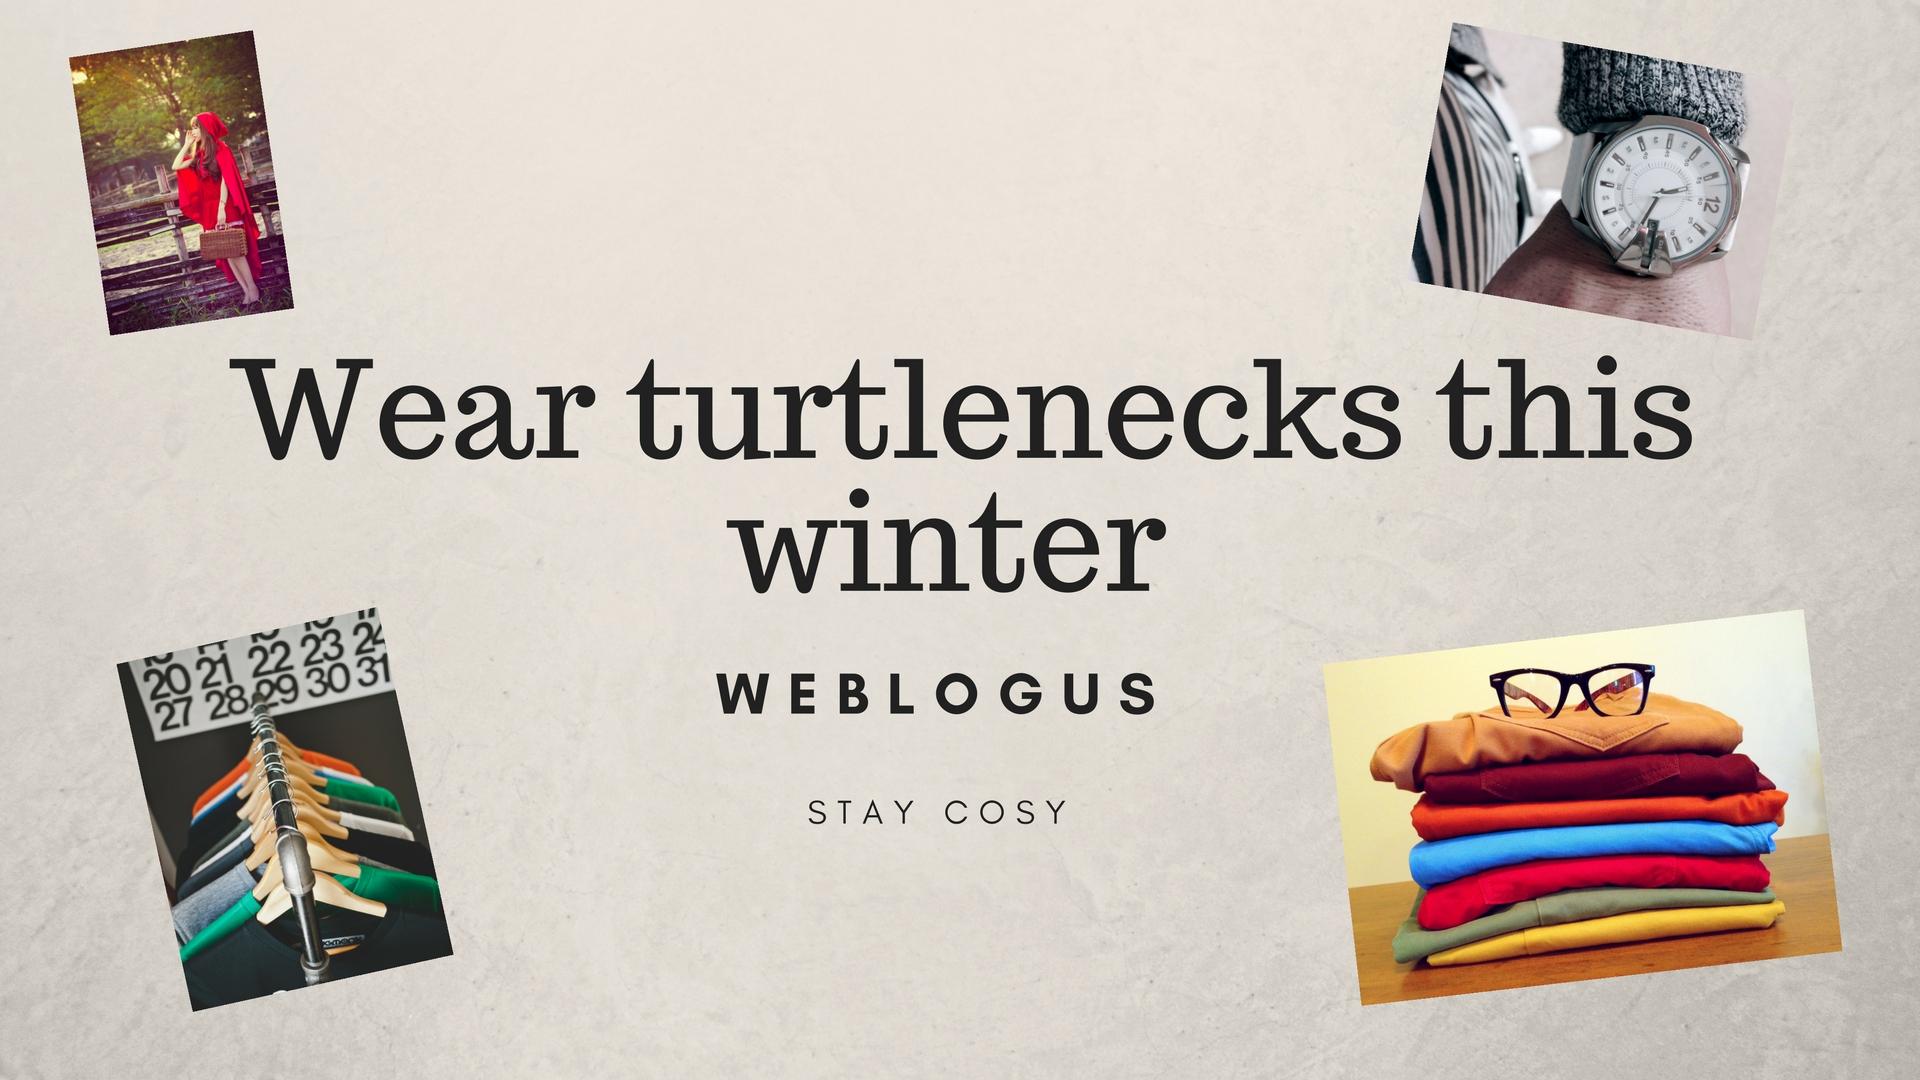 wear turtlenecks